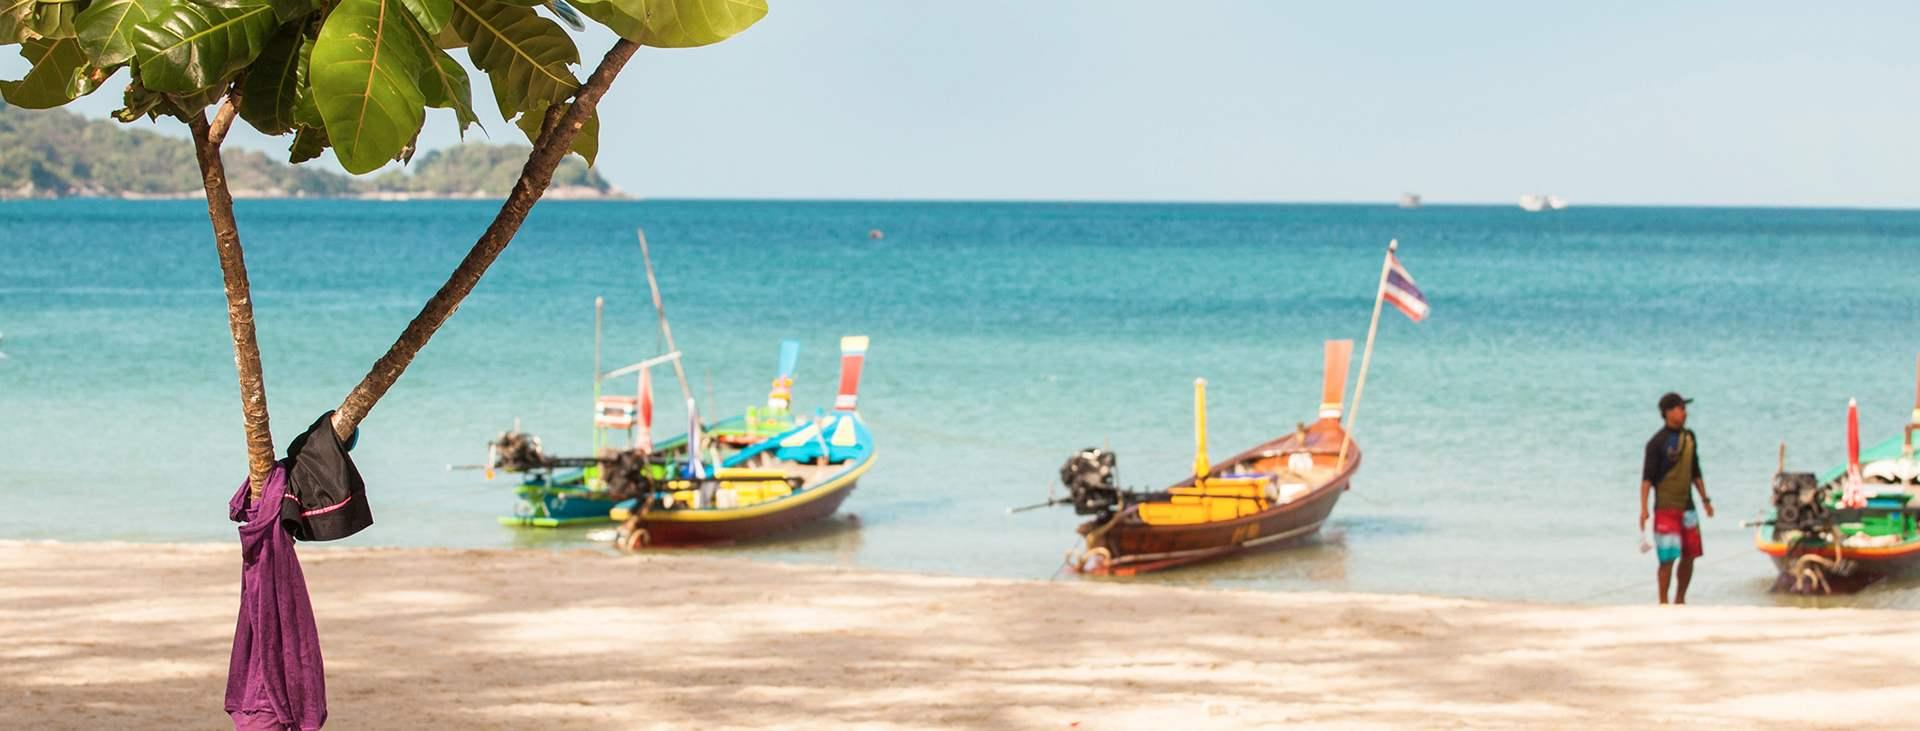 Bestill en reise med Ving til Phuket i Thailand